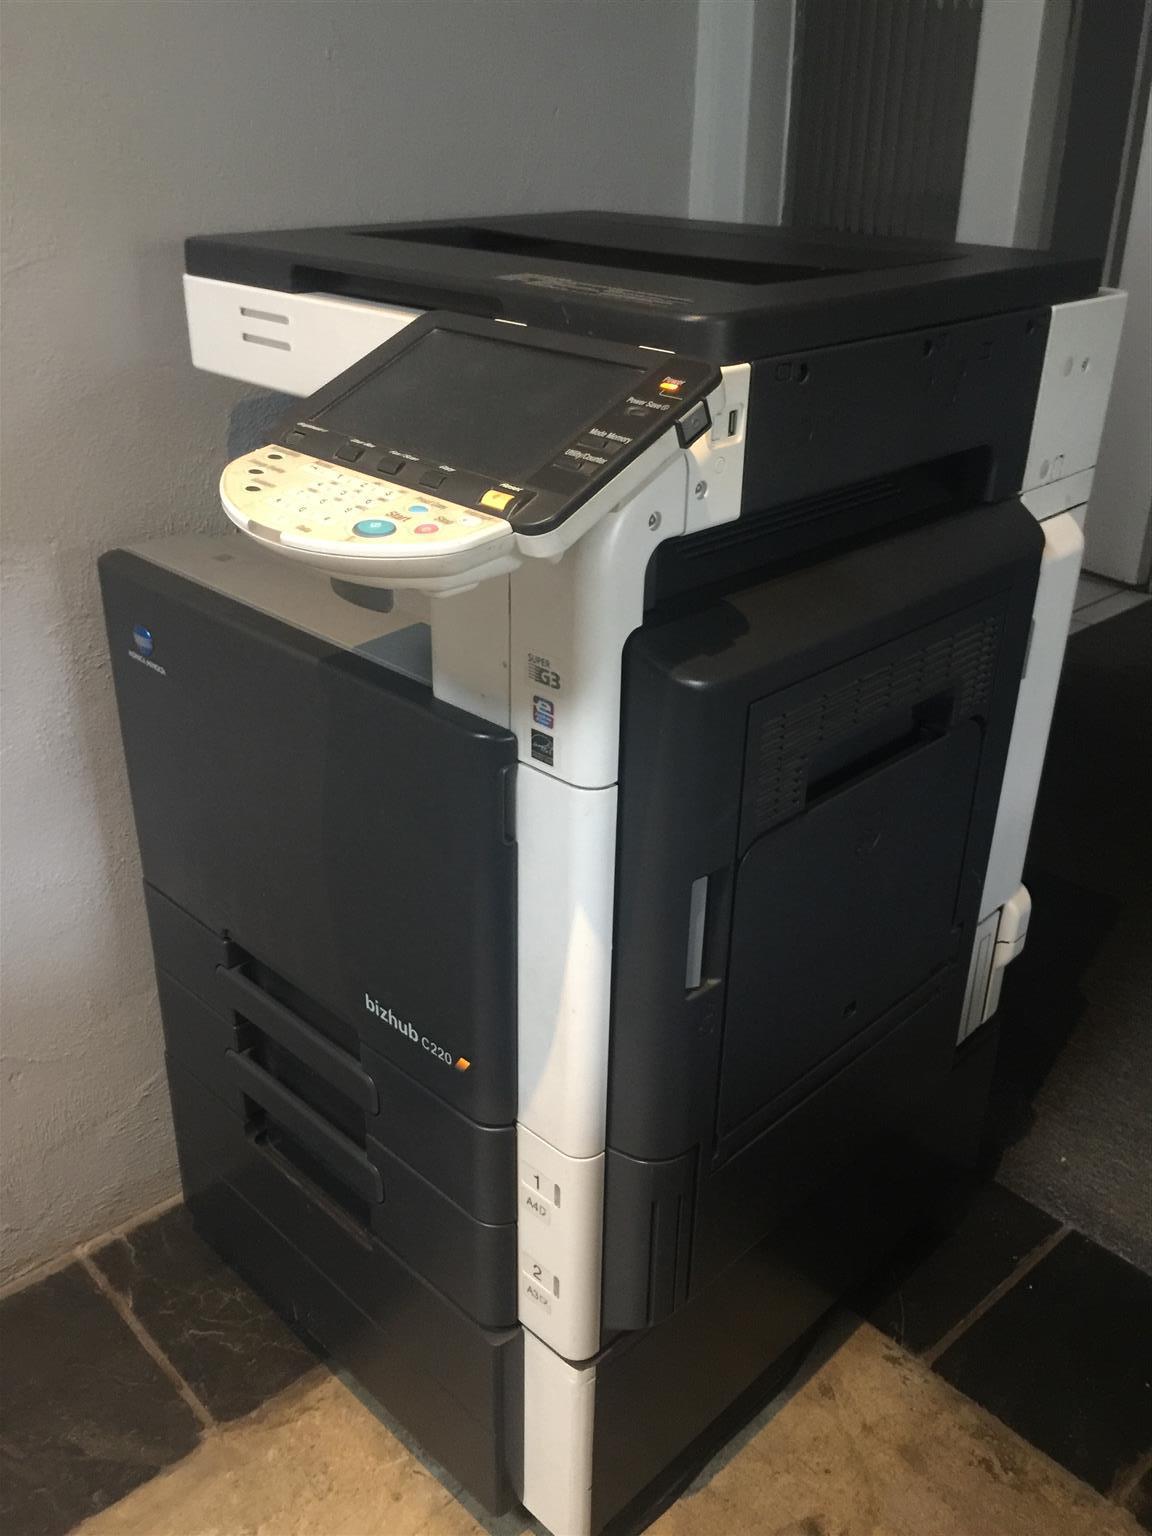 Printer in pristine condition